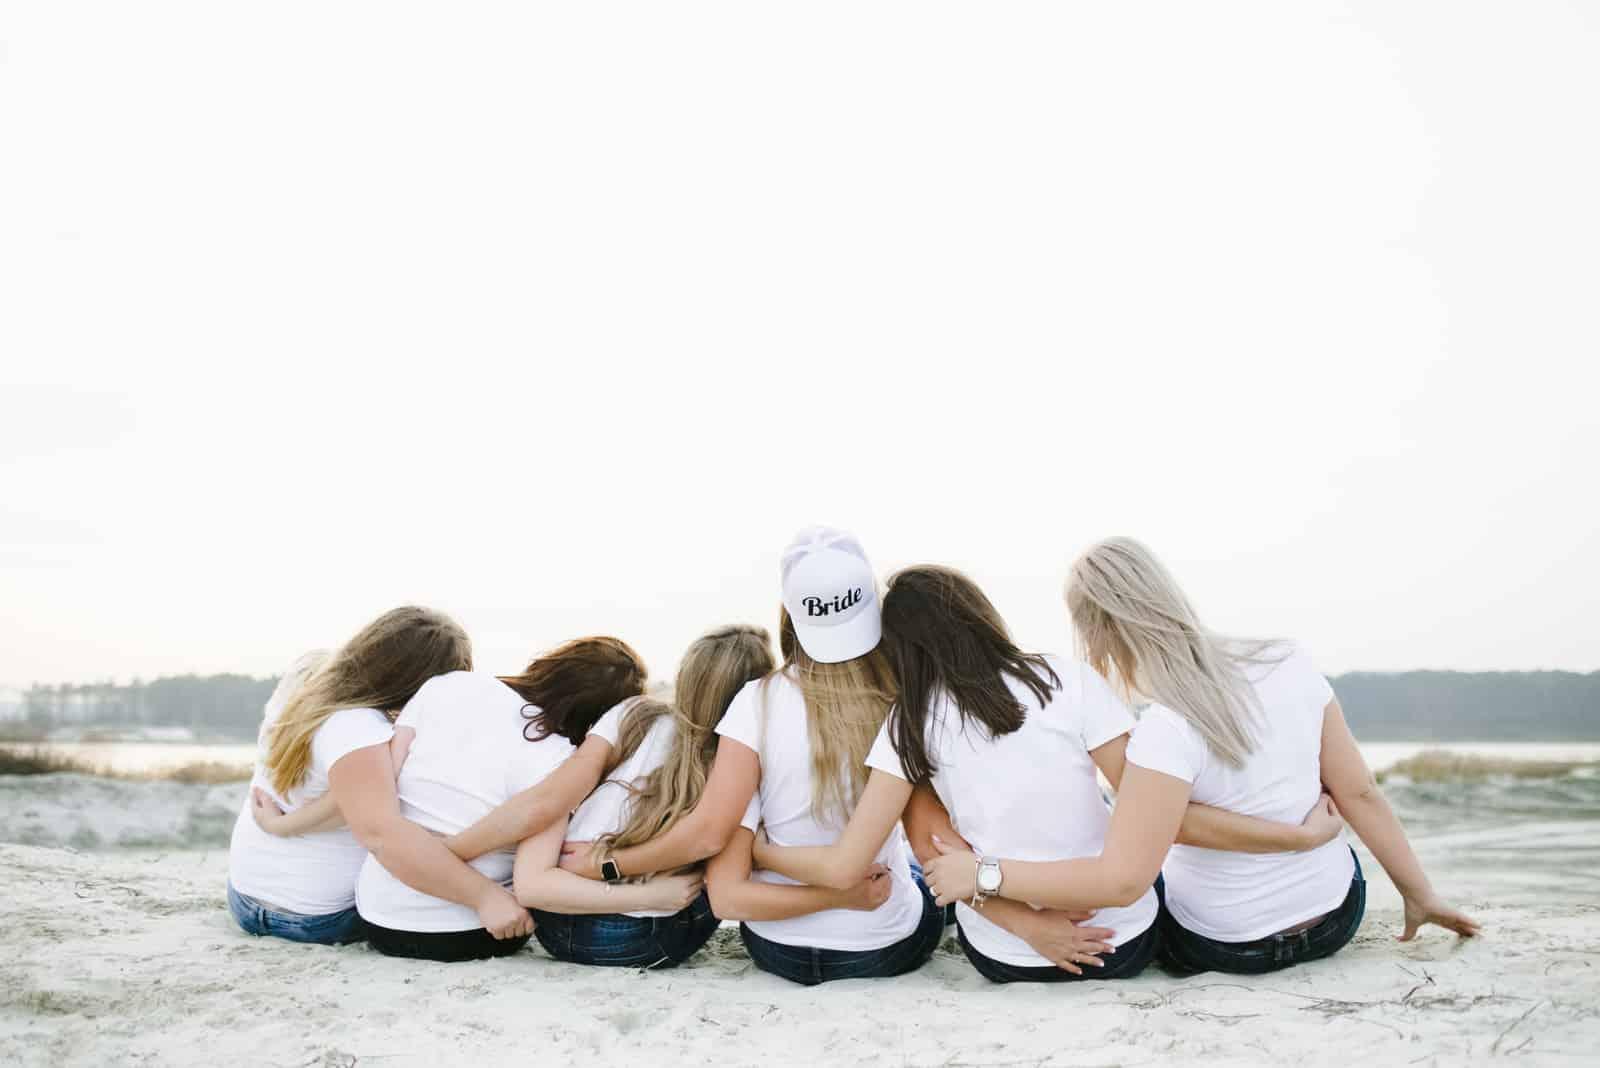 Bei der Junggesellenparty sitzen die Mädchen am Strand